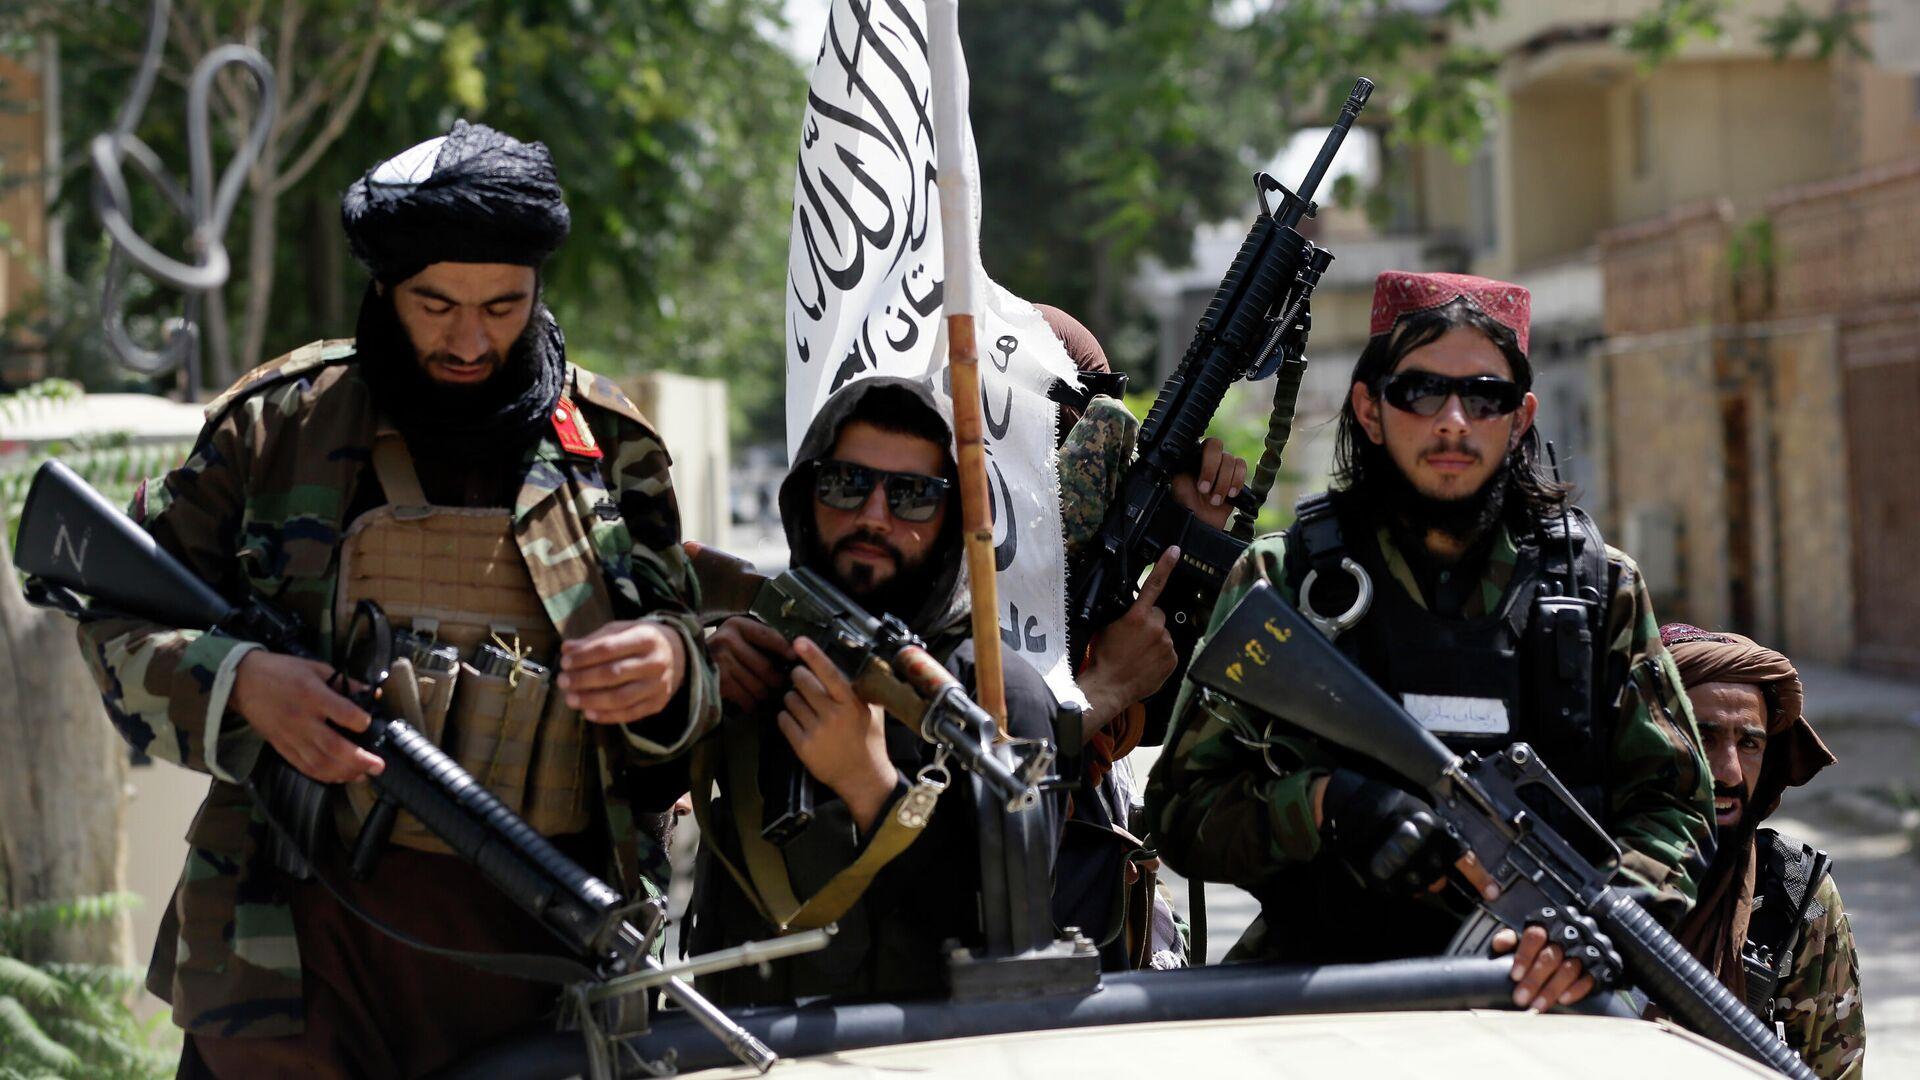 Боевики Талибана* с флагом во время патрулирования Кабула  - РИА Новости, 1920, 23.08.2021